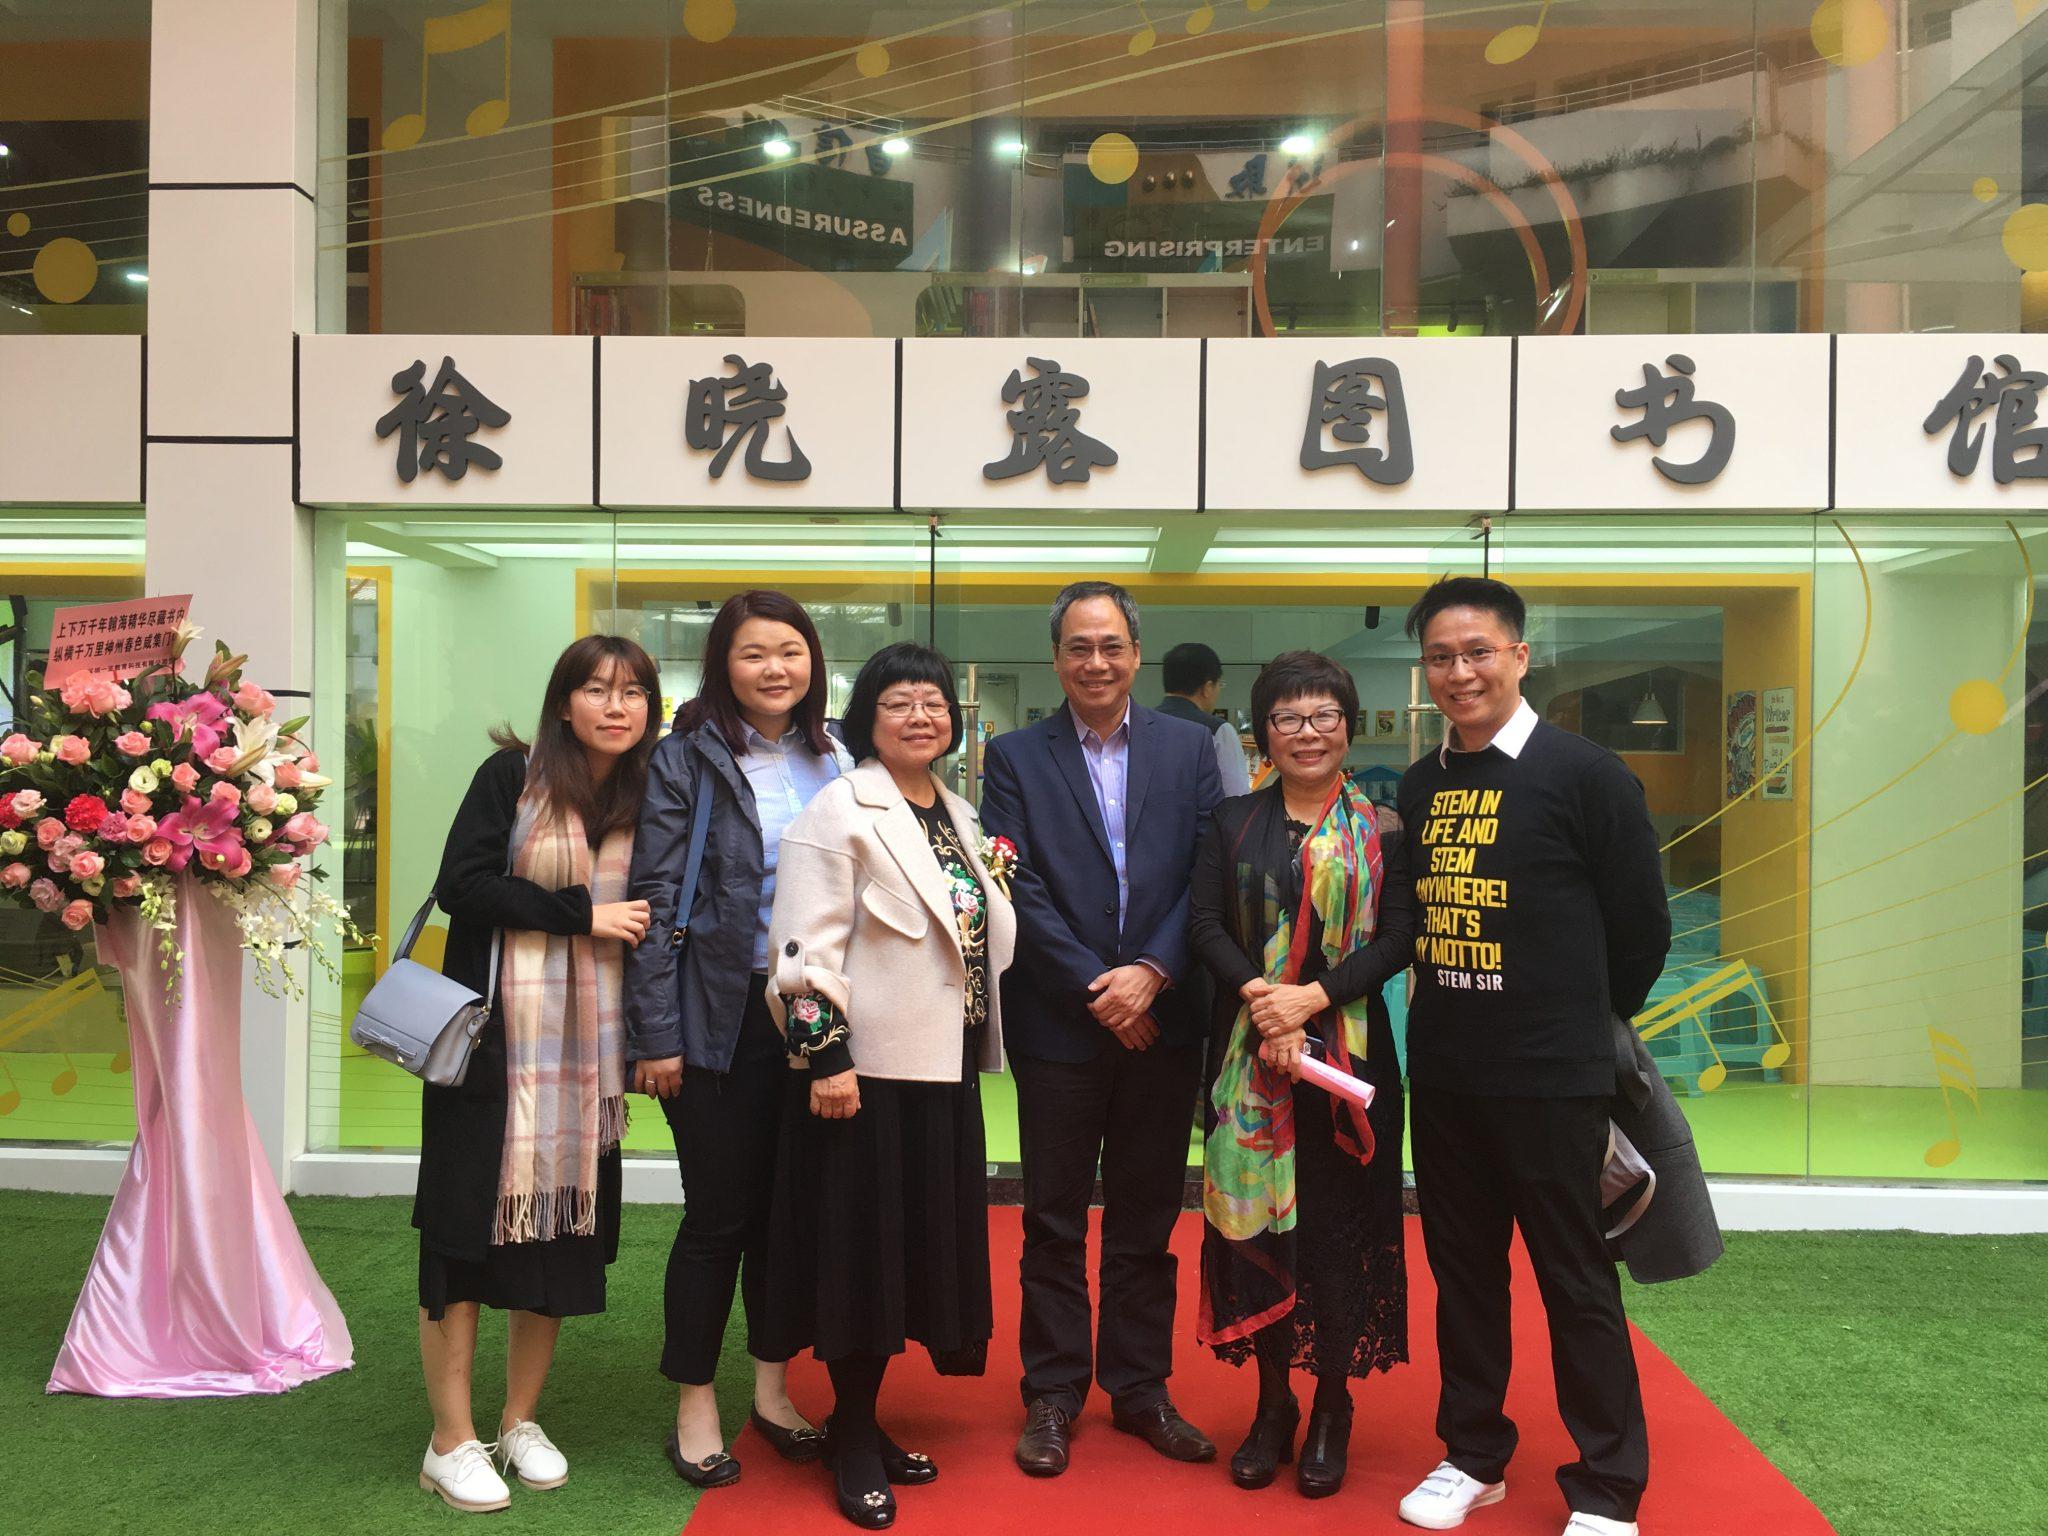 「深圳藝校福田泰然學校徐曉露圖書館」開幕禮2019